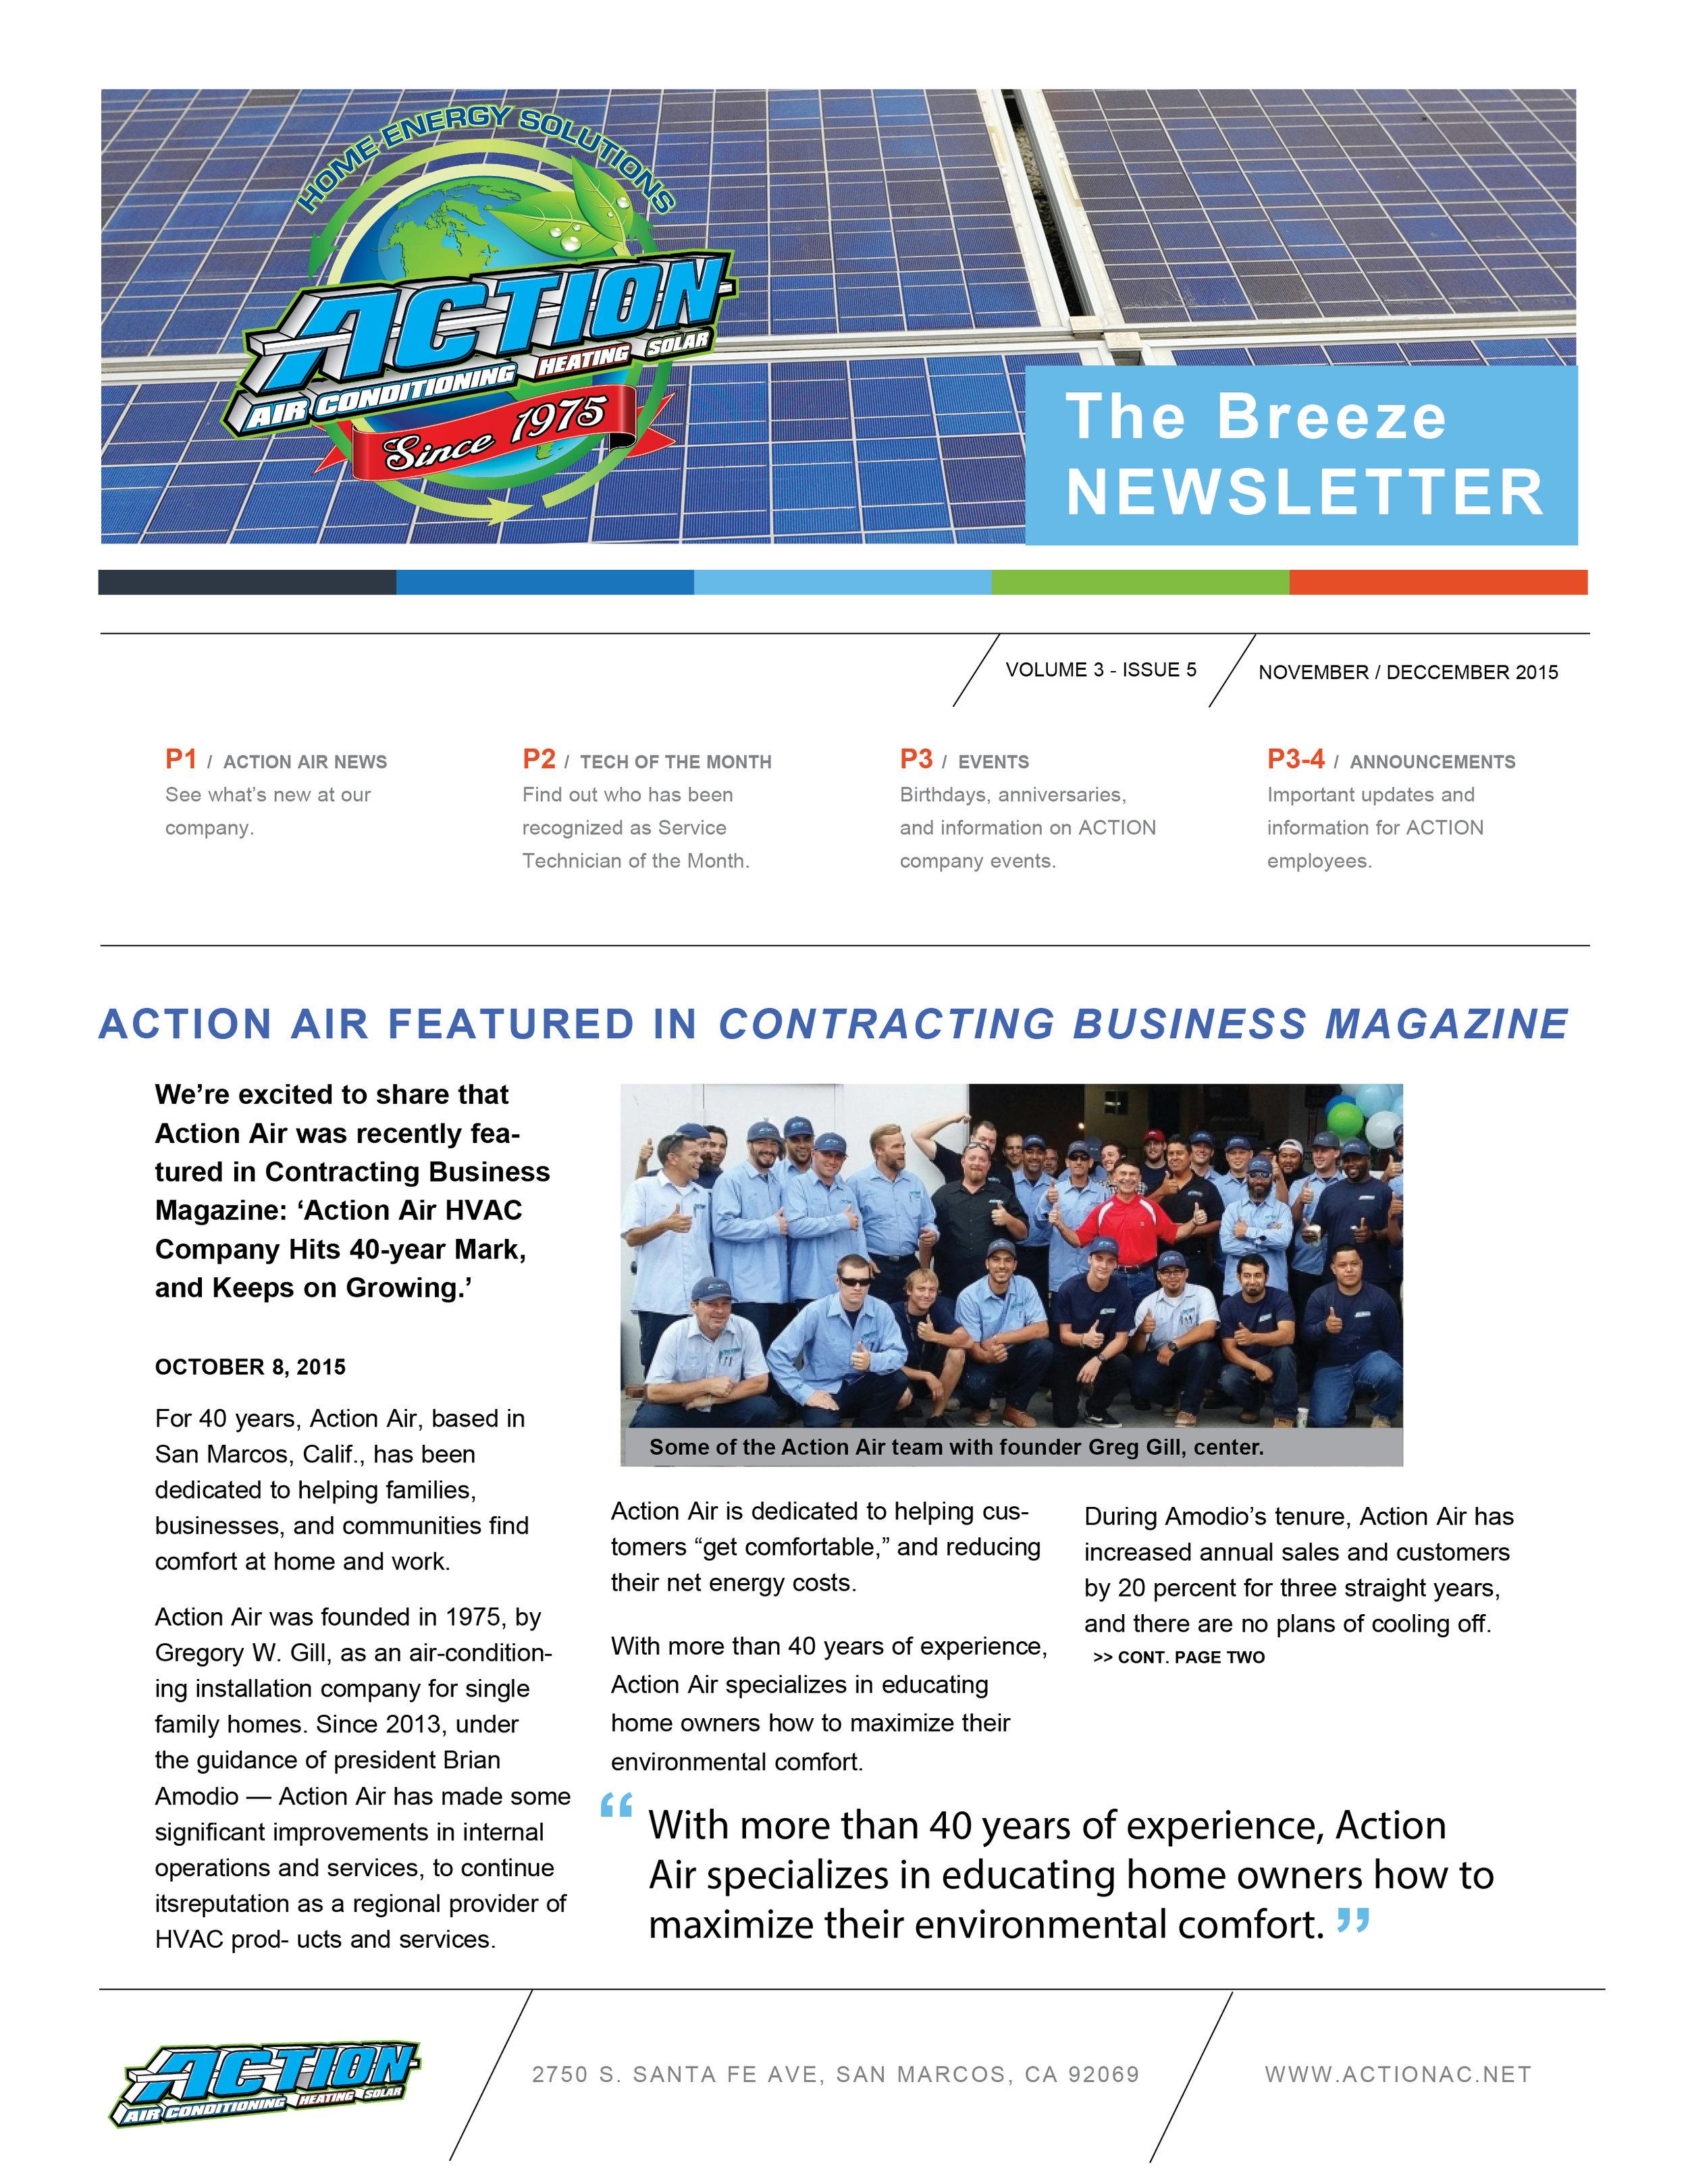 ACTION AIR NEWSLETTER-1.jpg